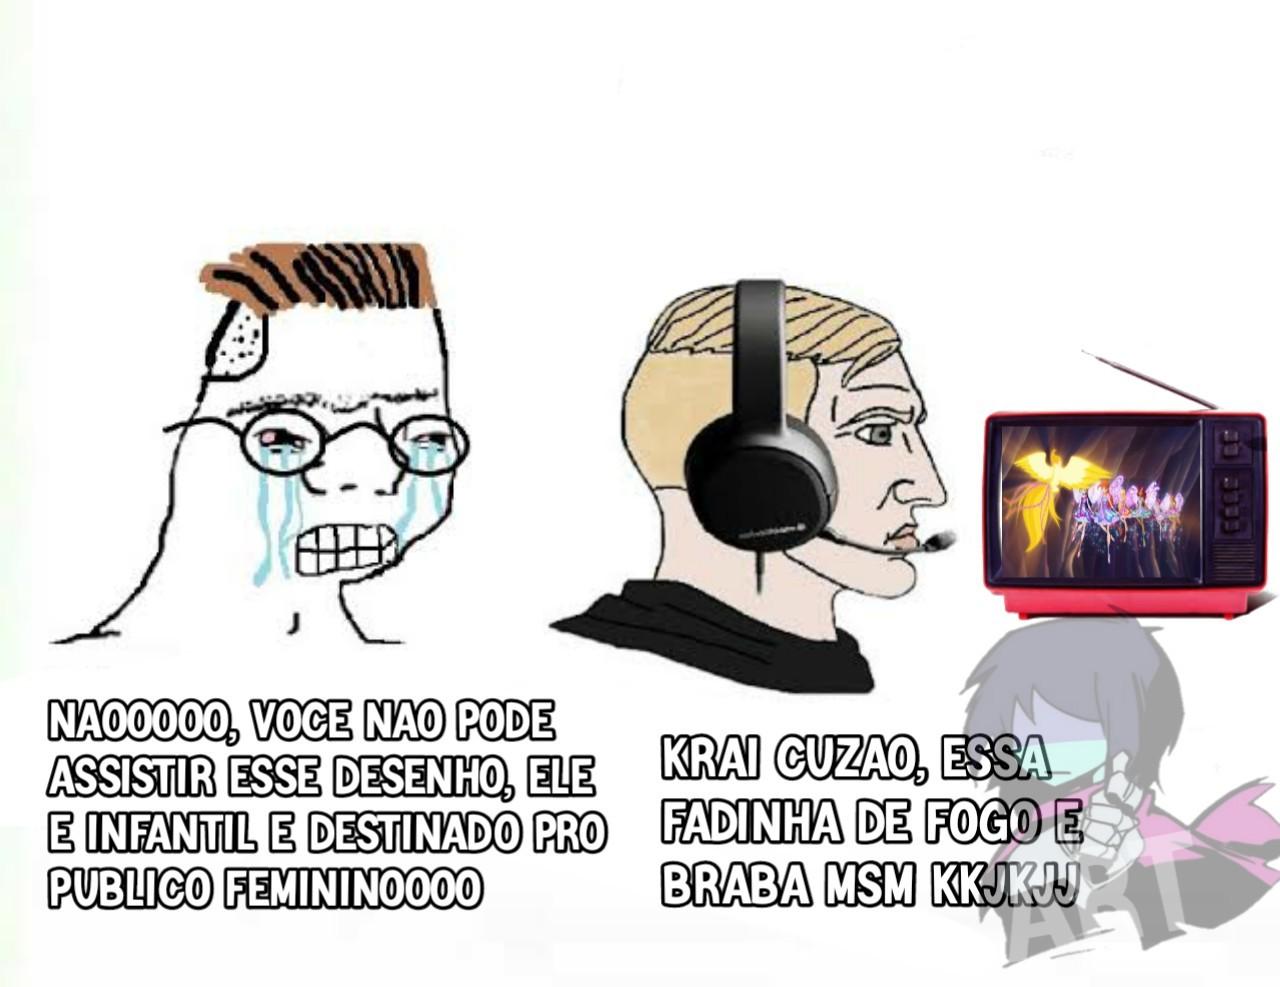 Esse modelo de meme é uma merda, e Winx era daorakkkjj